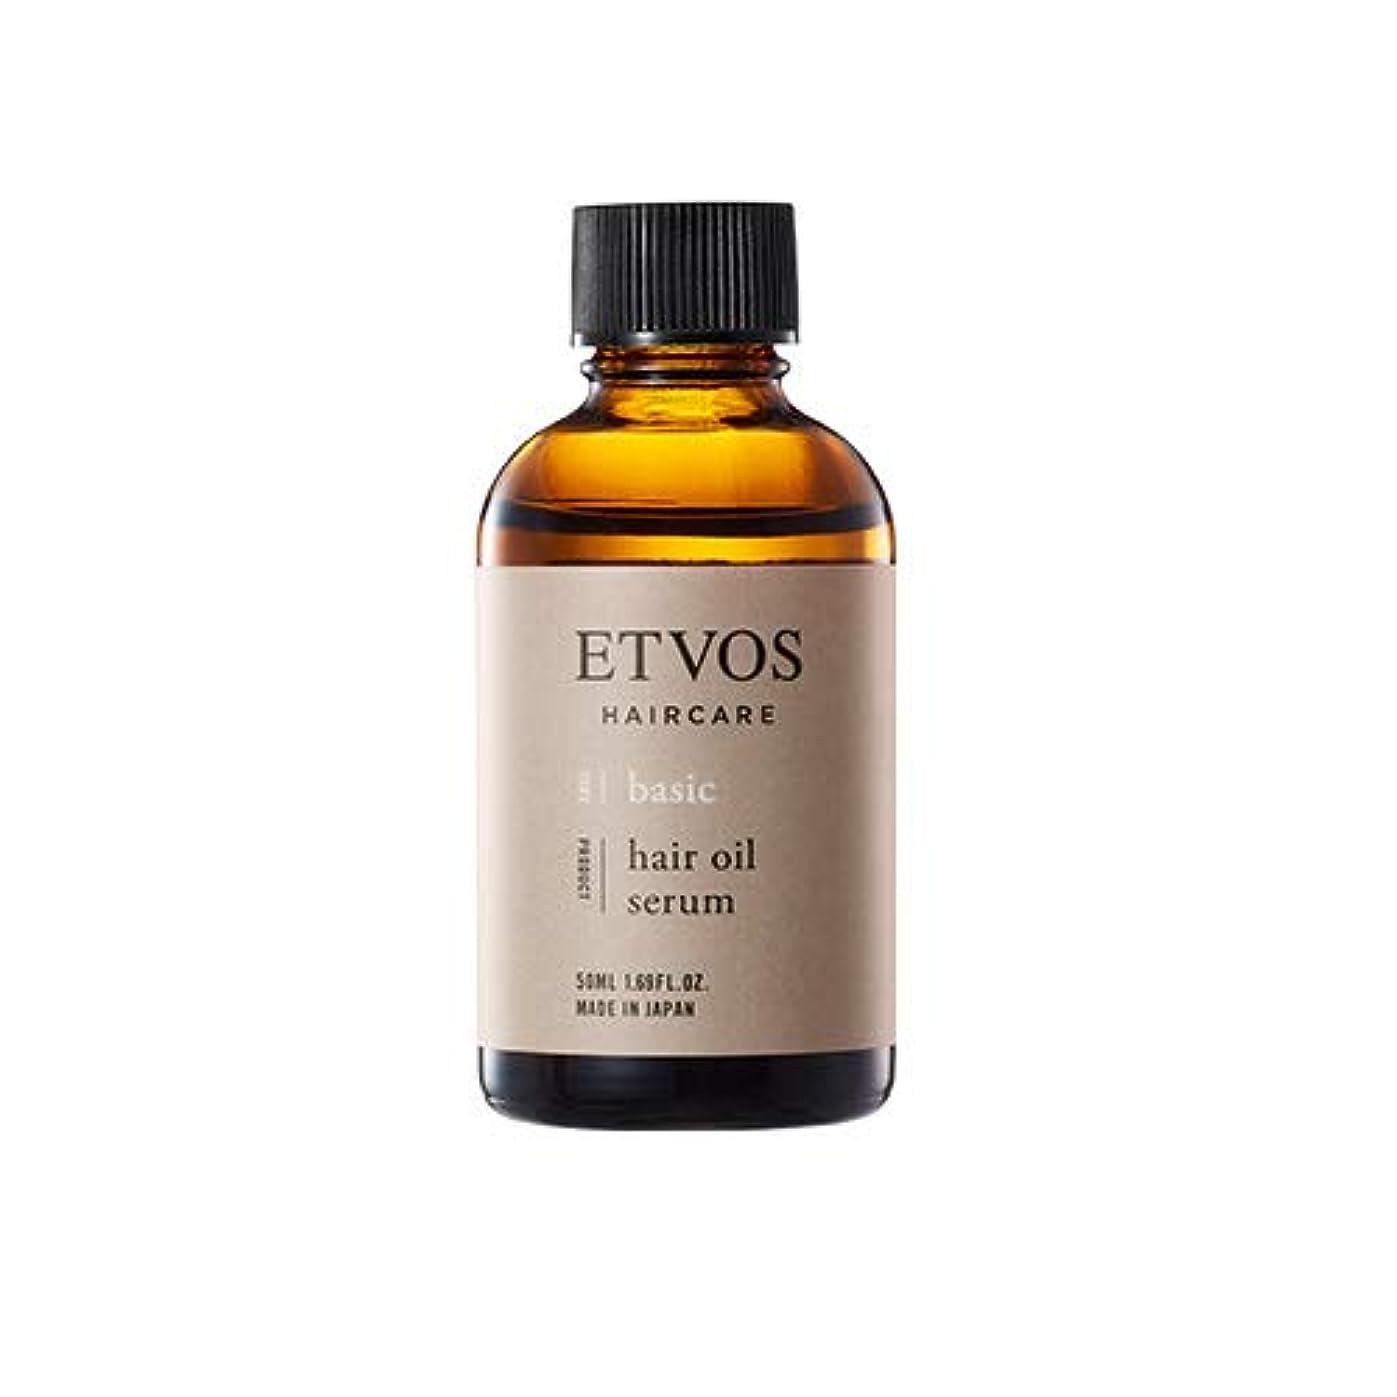 崇拝するホラーマークダウンETVOS(エトヴォス) ヘアオイルセラム 50ml ヘアスタイル 毛髪補修成分 乾燥 熱 ノンシリコン 美容オイル